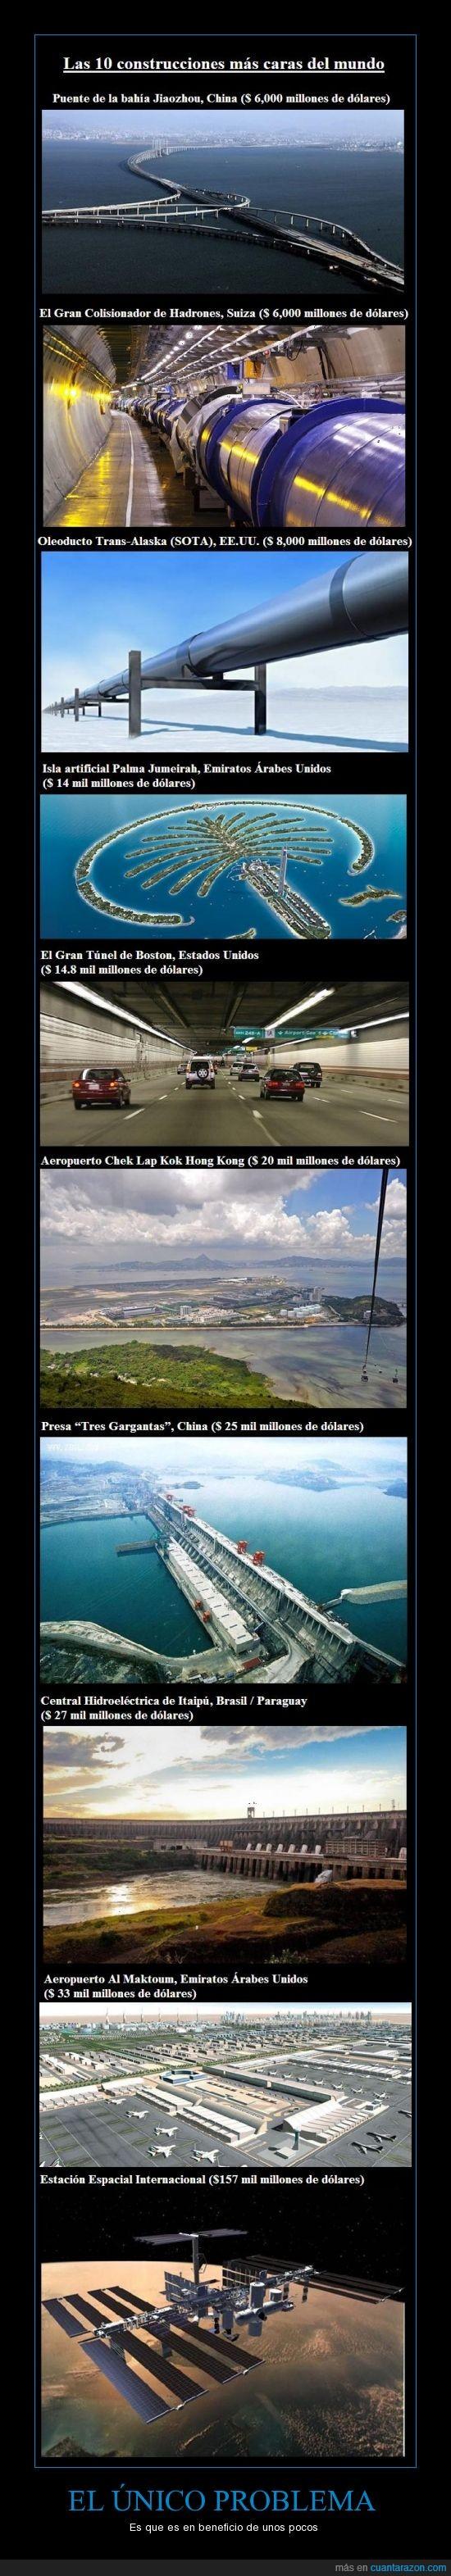 aeropuerto,caro,construcciones,costos,costoso,dinero,mundo